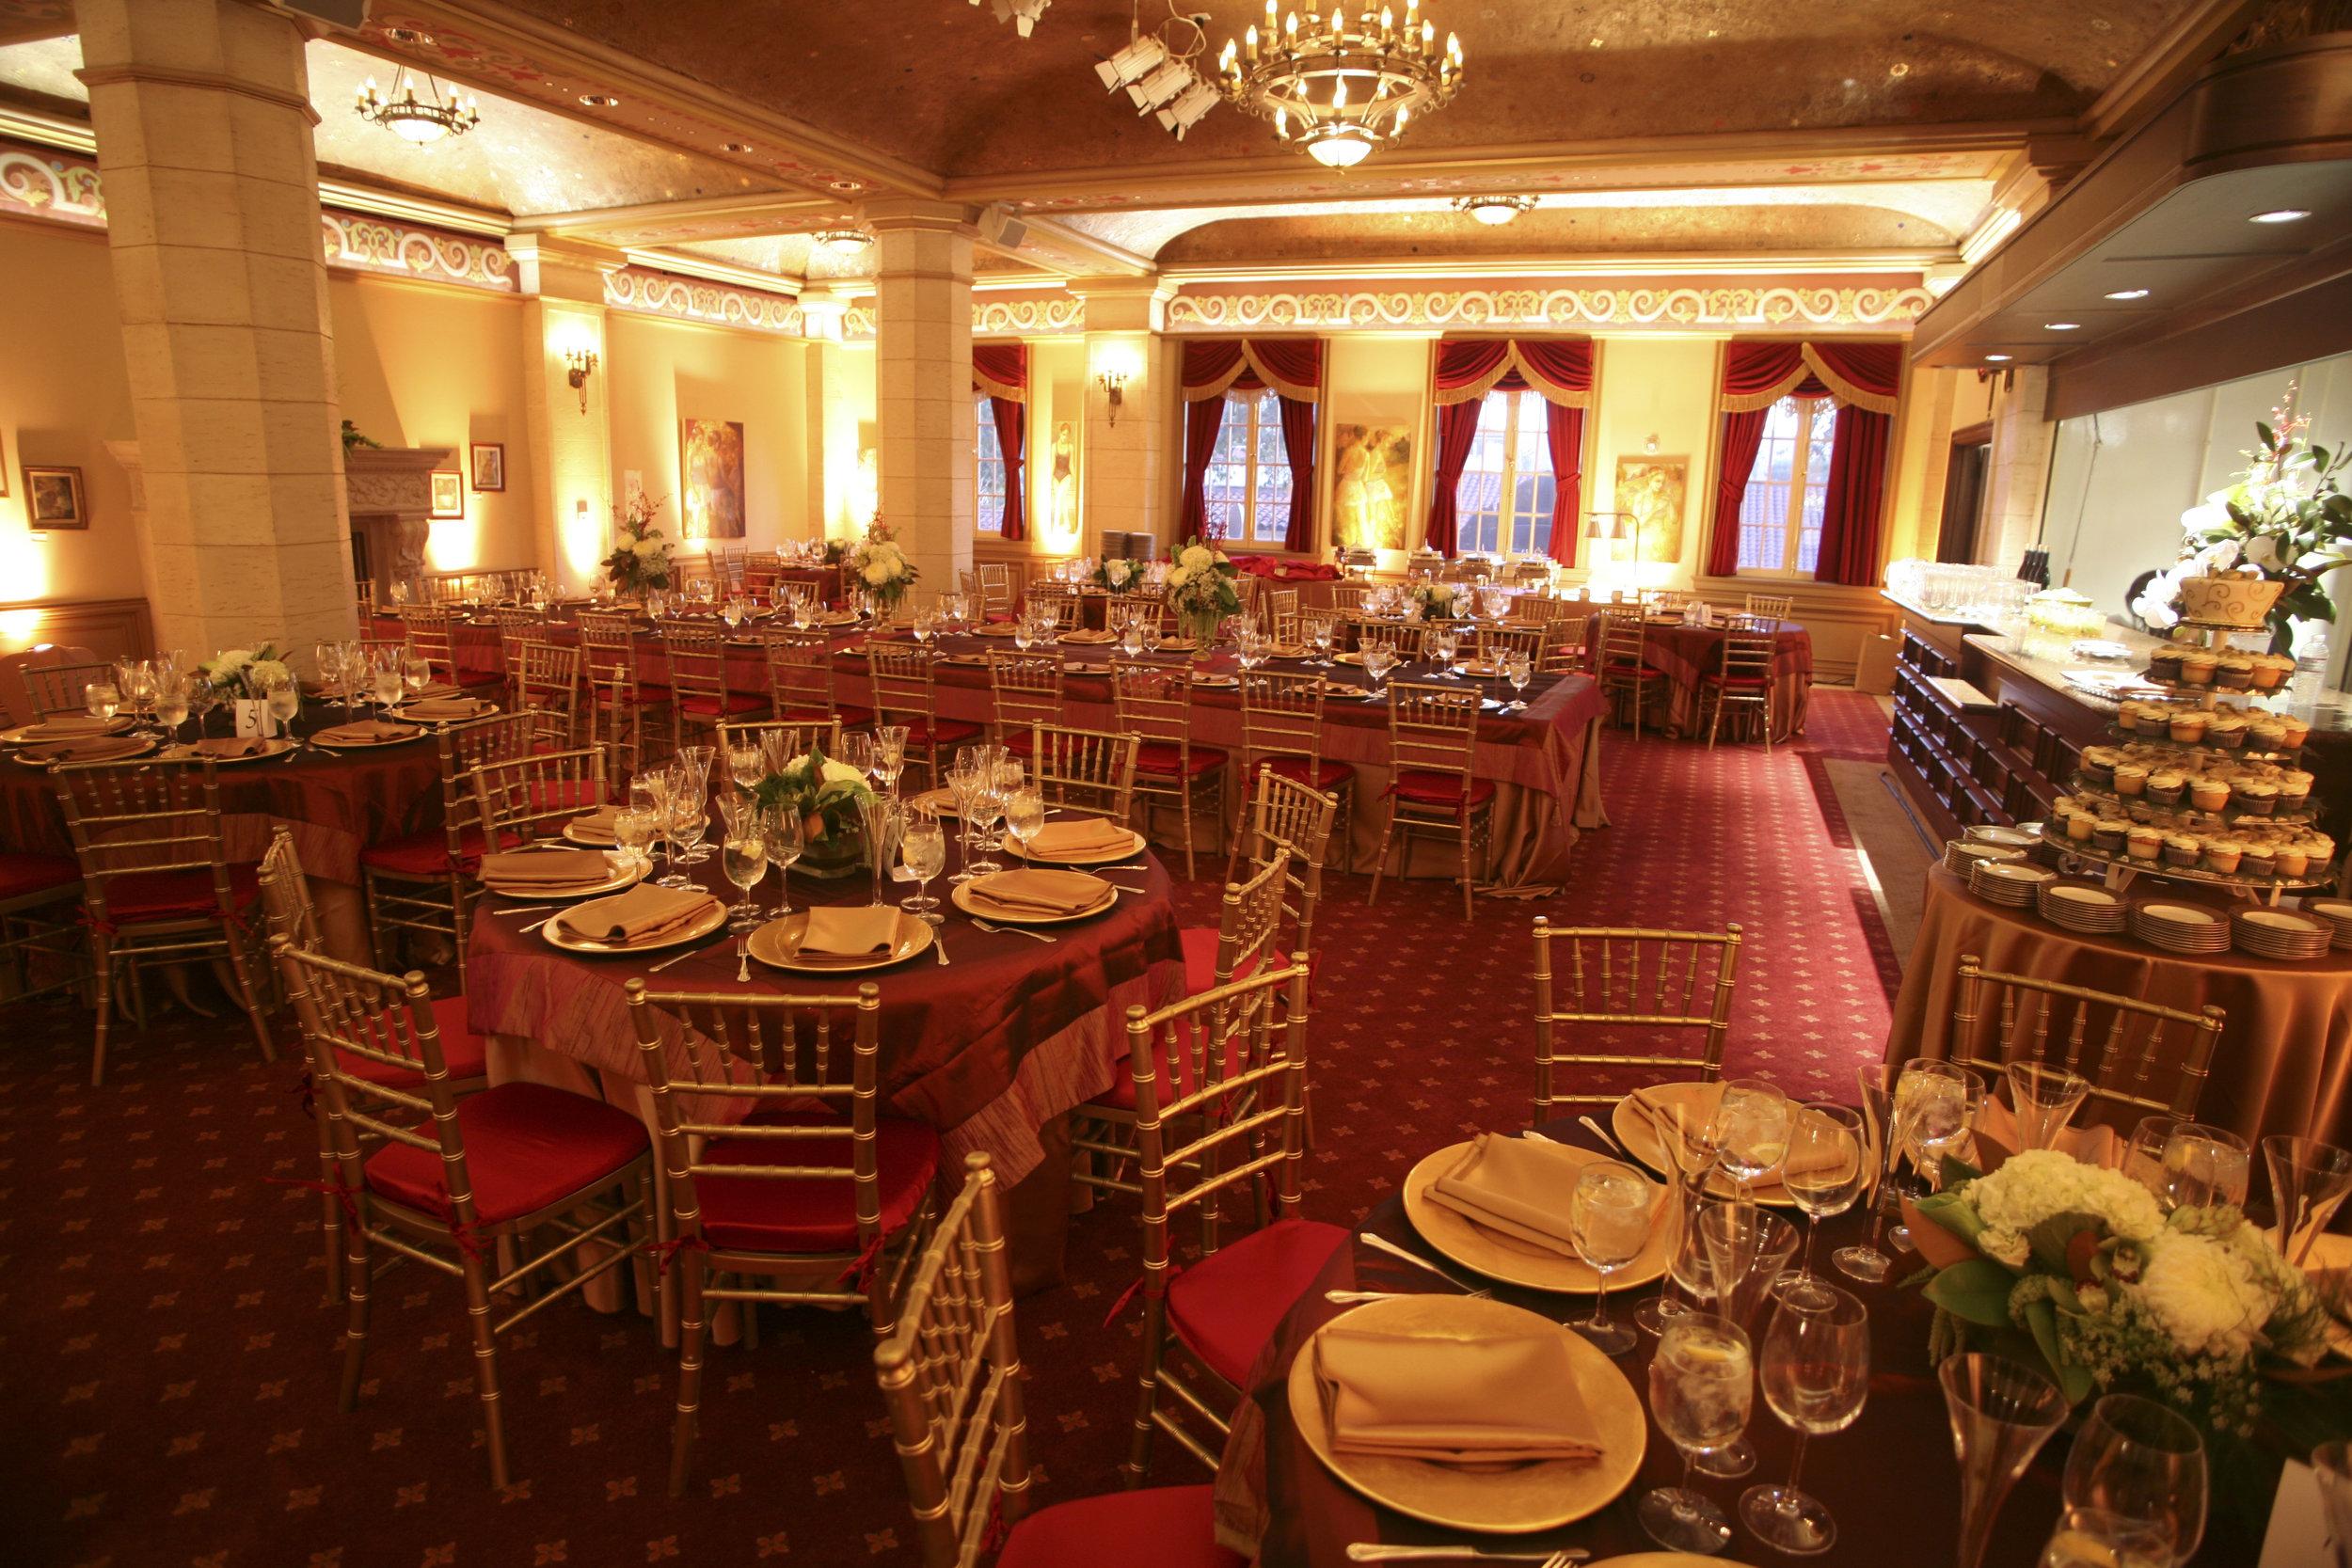 santabarbarawedding.com   The Granada Theatre   Theater Venue   Location Wedding Ceremony   Reception Venue